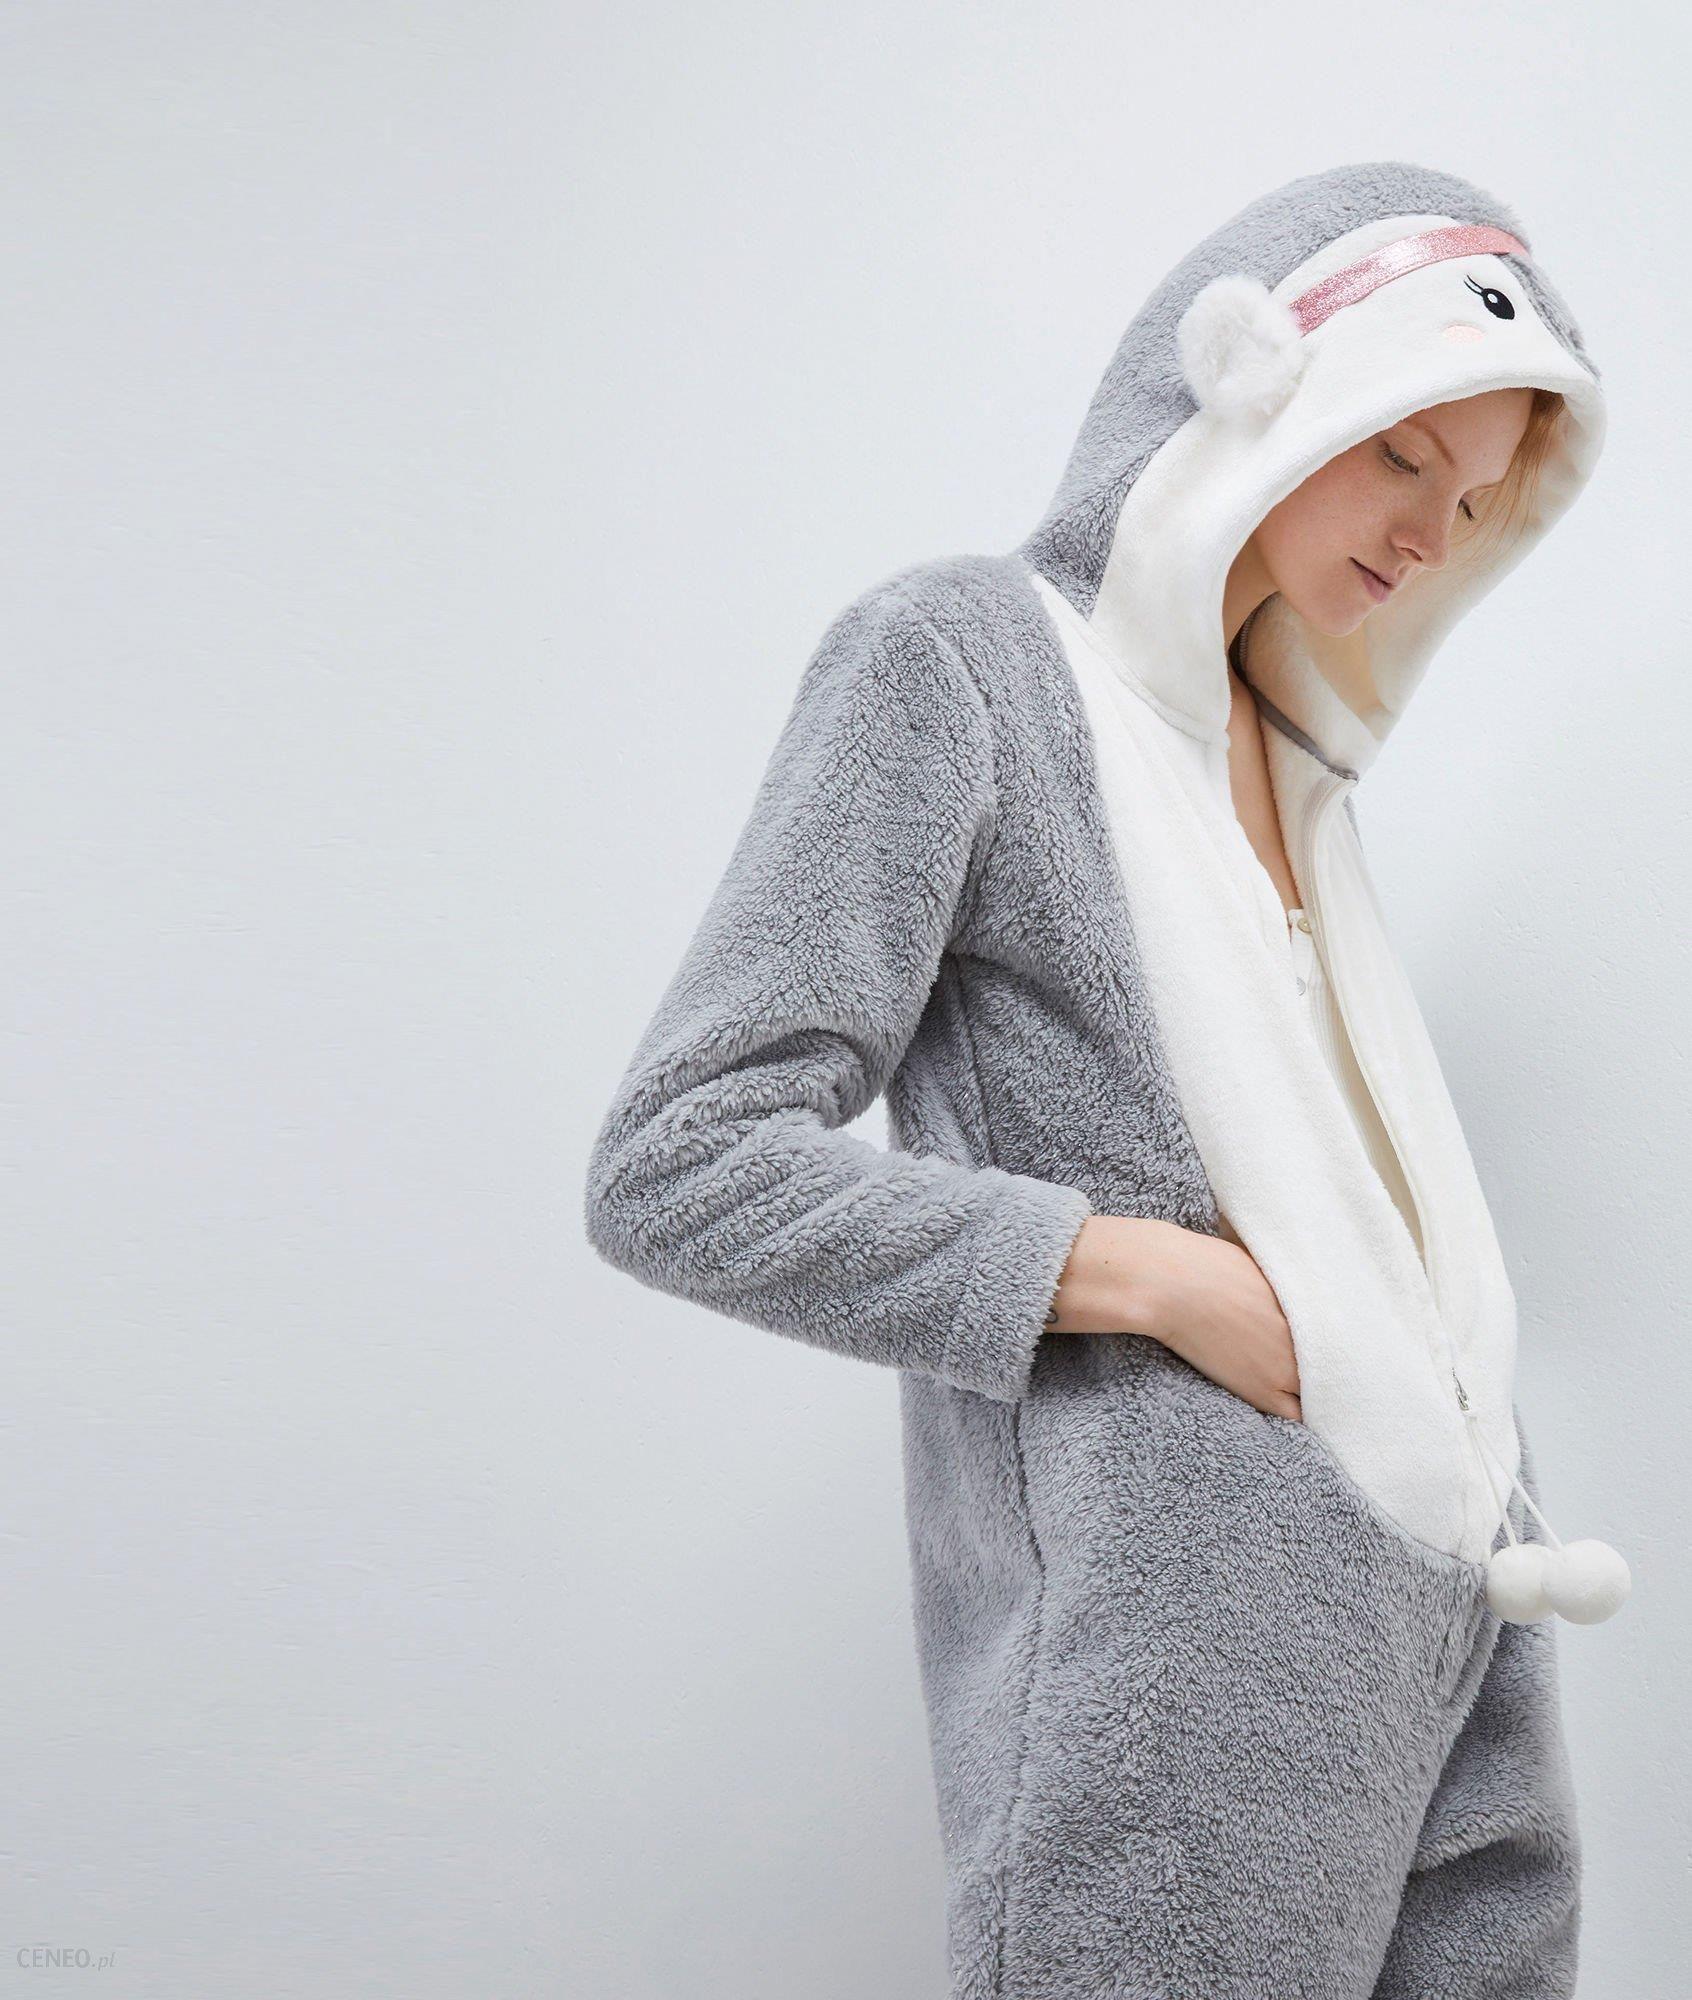 Royaume-Uni disponibilité 12abe 85a32 Etam Combinaison pyjama pingouin - NALIA - Ceny i opinie - Ceneo.pl